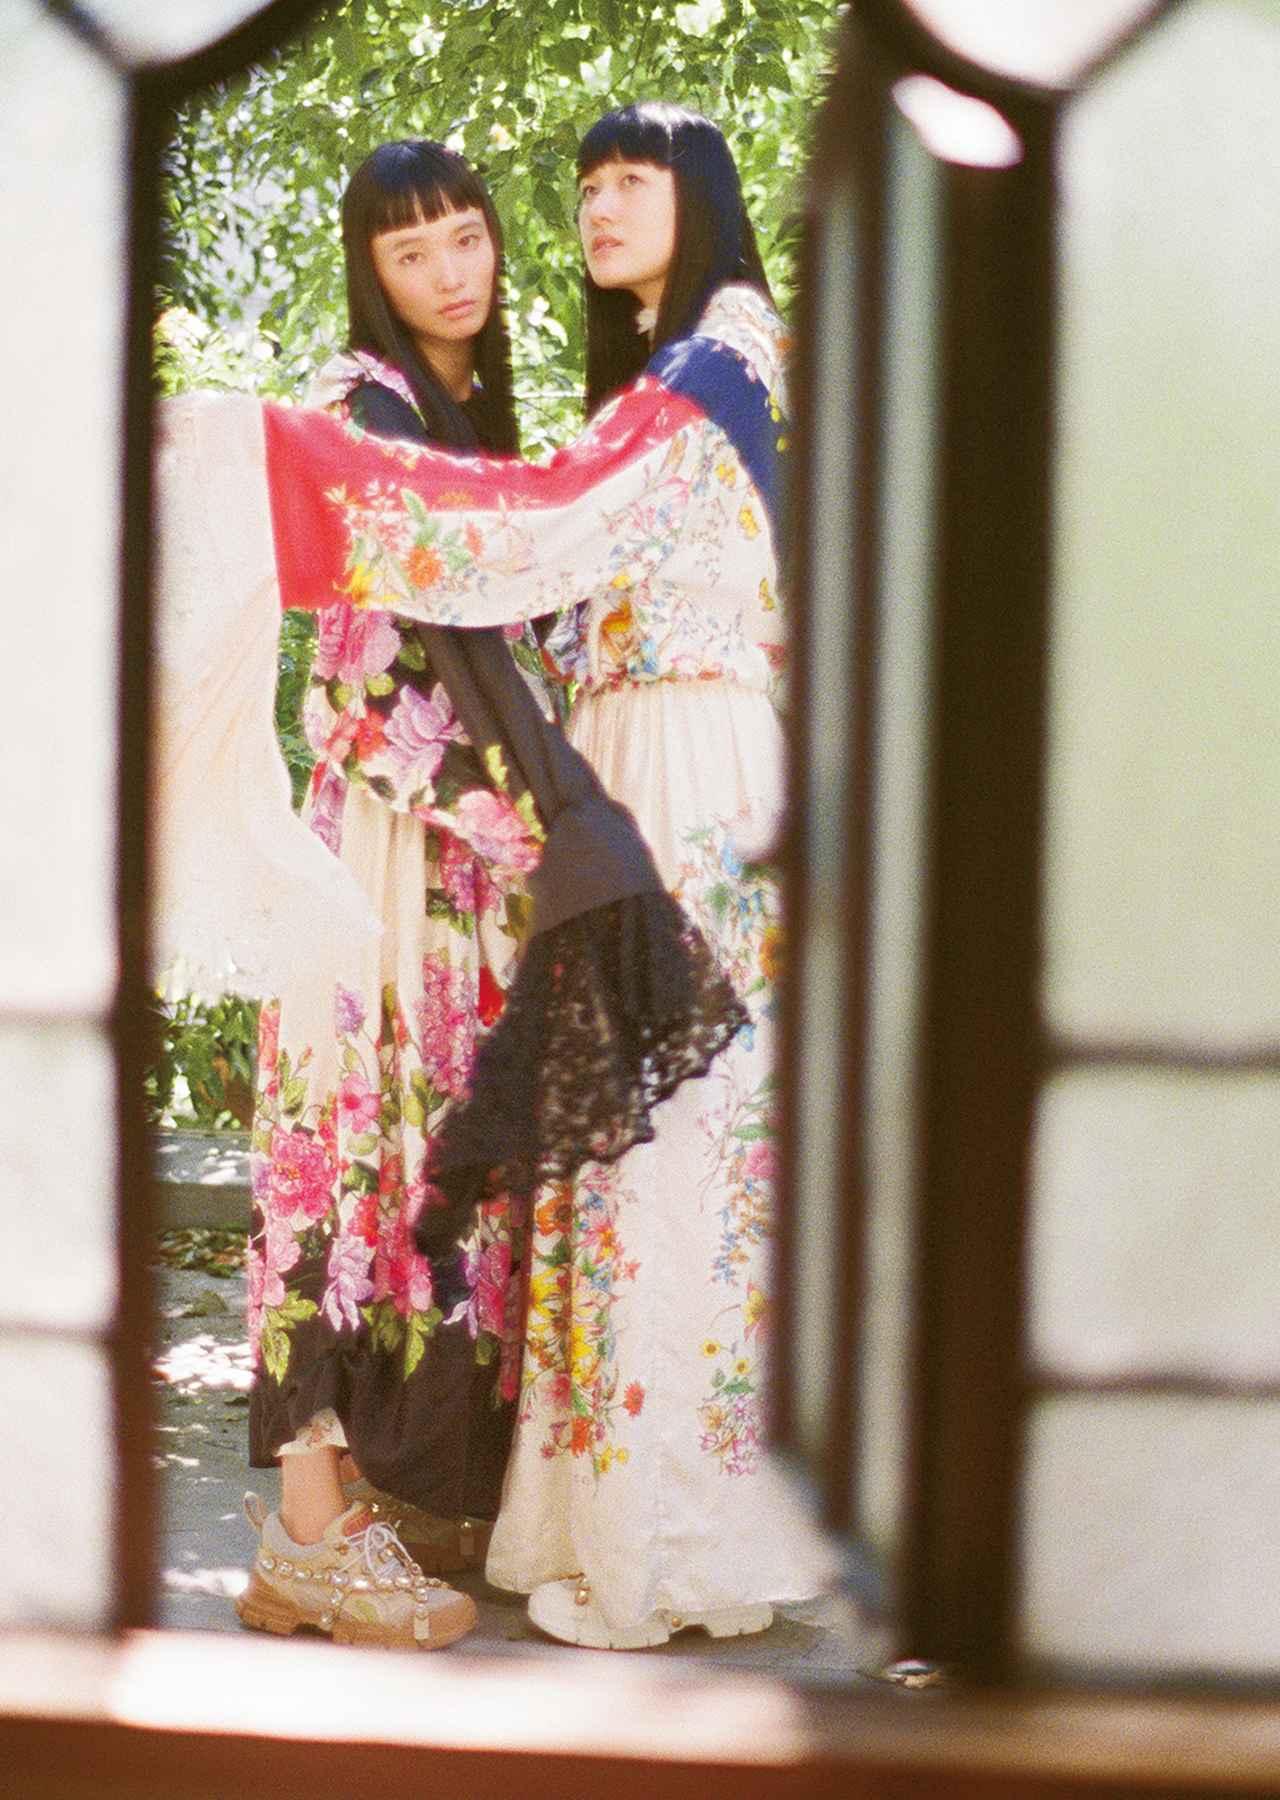 Images : 2番目の画像 - 「日々是好日、ドレス日和 ―― 明日からドレスで自由に生きる」のアルバム - T JAPAN:The New York Times Style Magazine 公式サイト